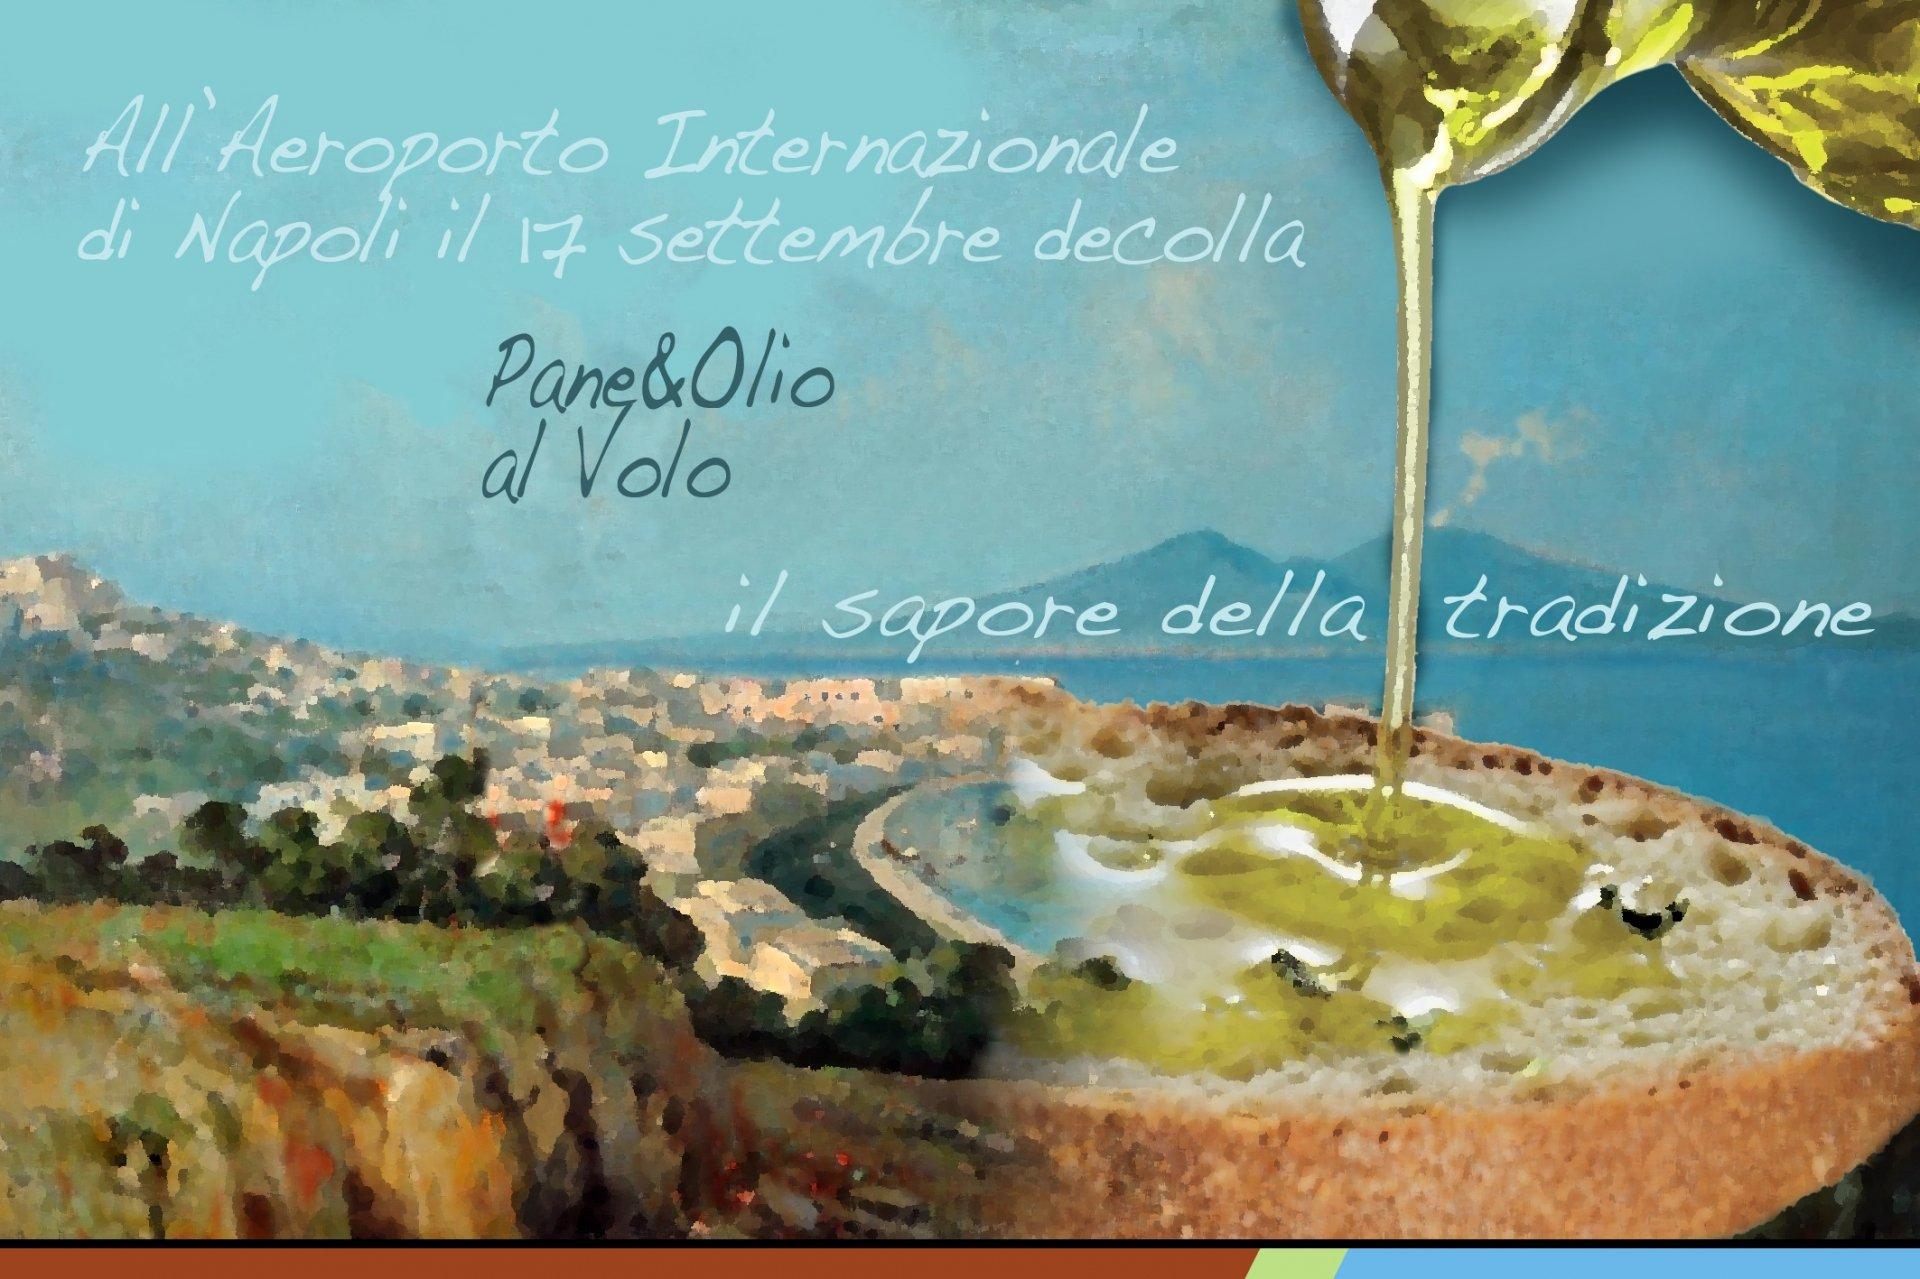 La merenda della tradizione italiana rilanciata a Napoli, in aeroporto l'inaugurazione di Pane&Olio al volo